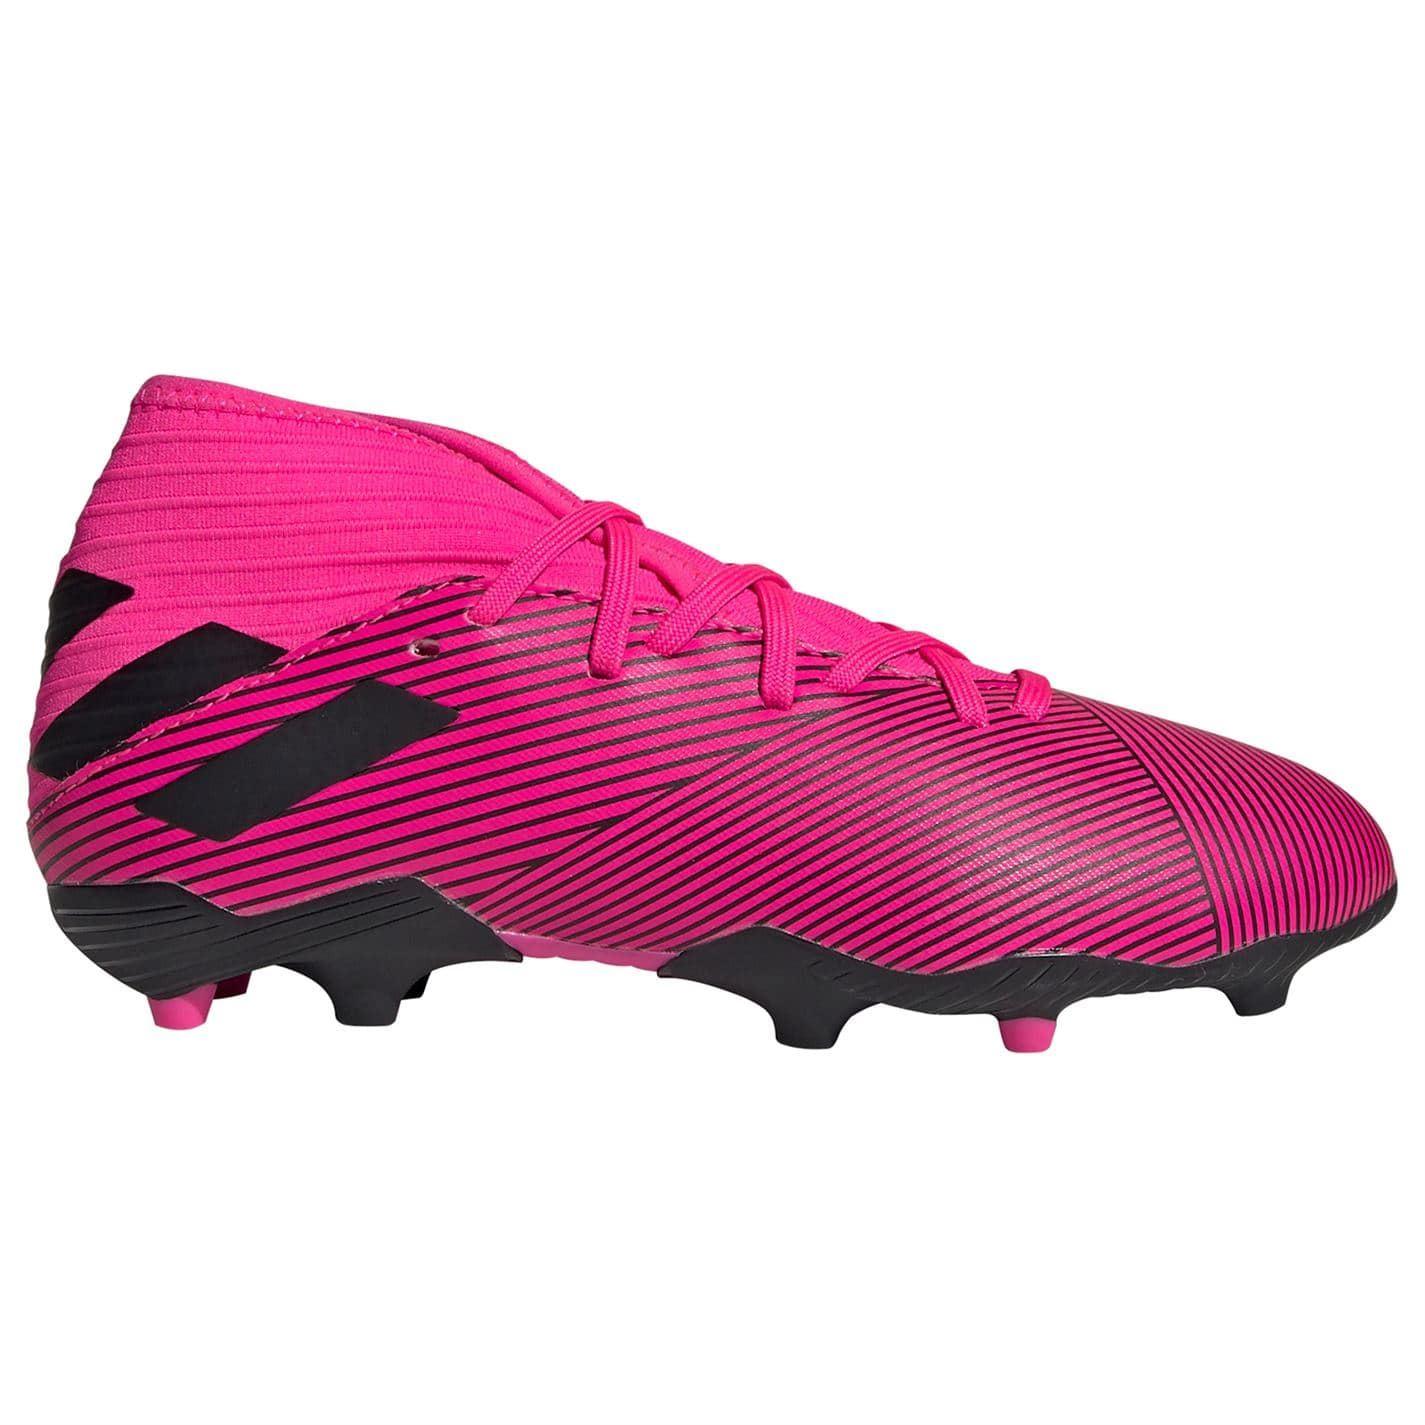 Adidas Nemeziz 19.3 Fg Football Bottes Hommes RoseNoir